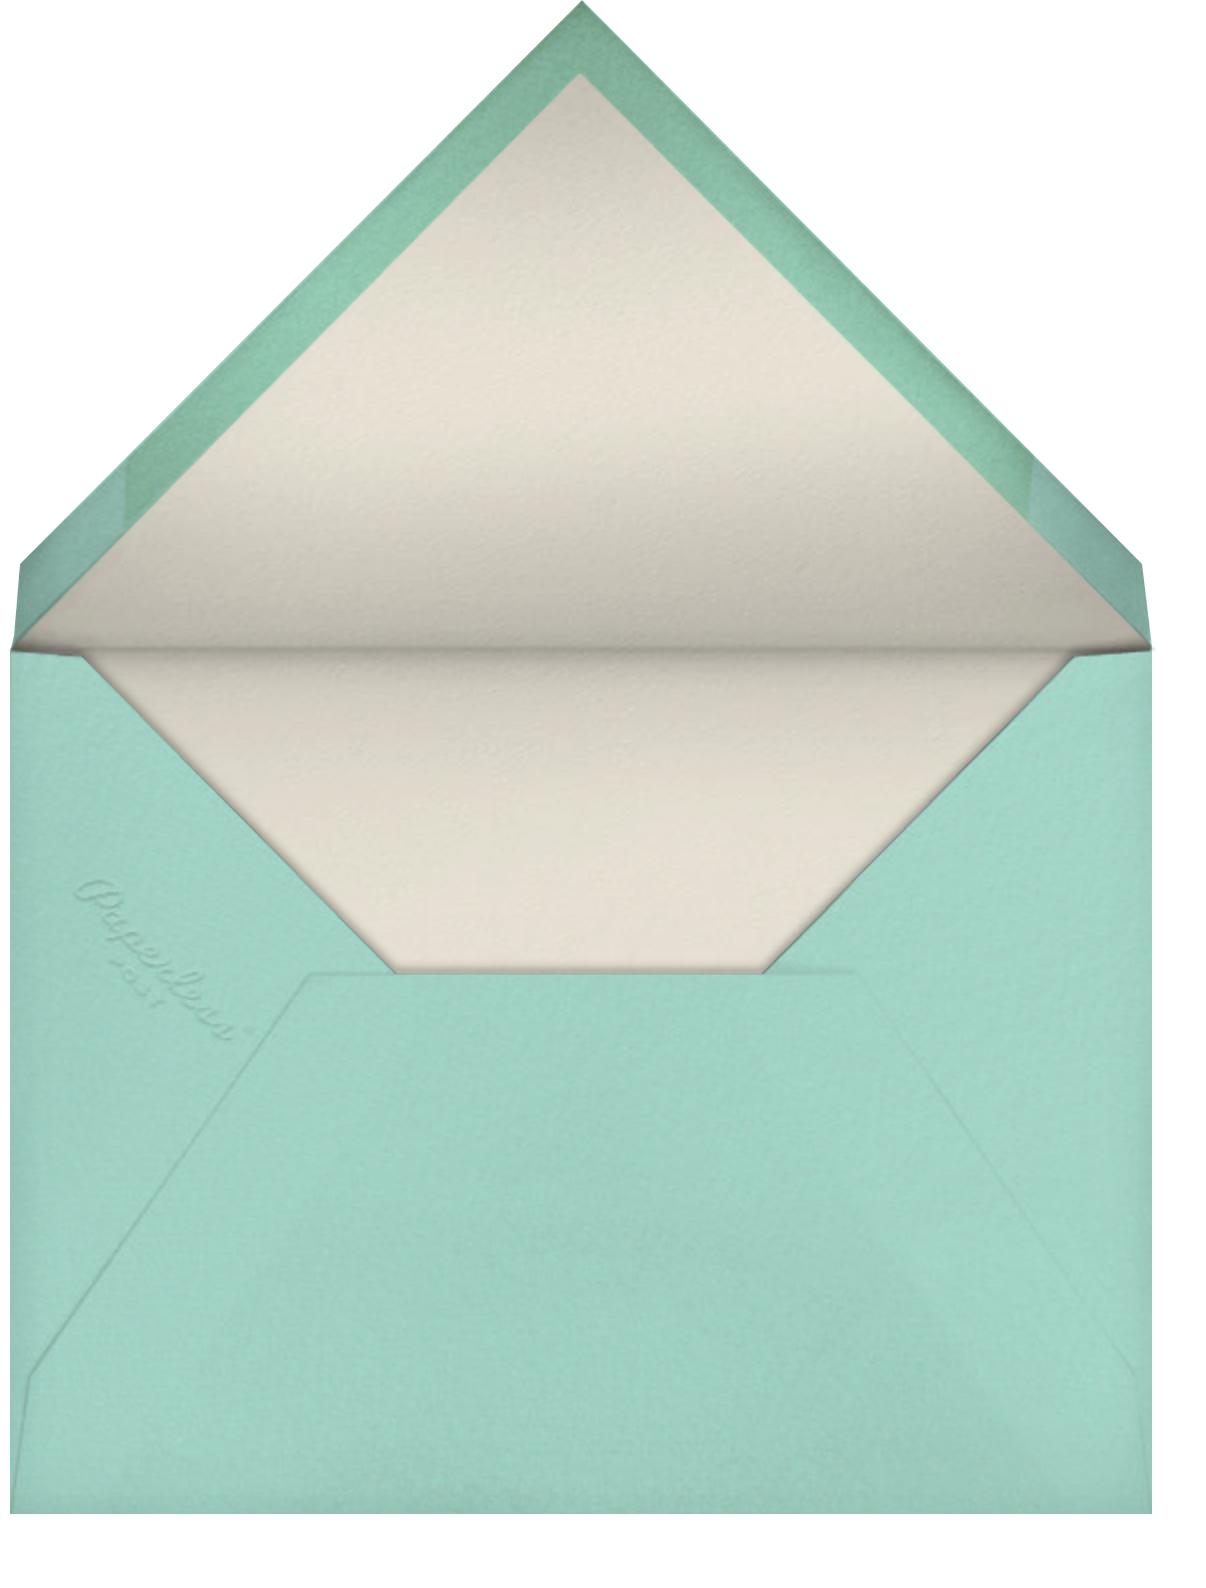 Parasol Parade - Meri Meri - Envelope